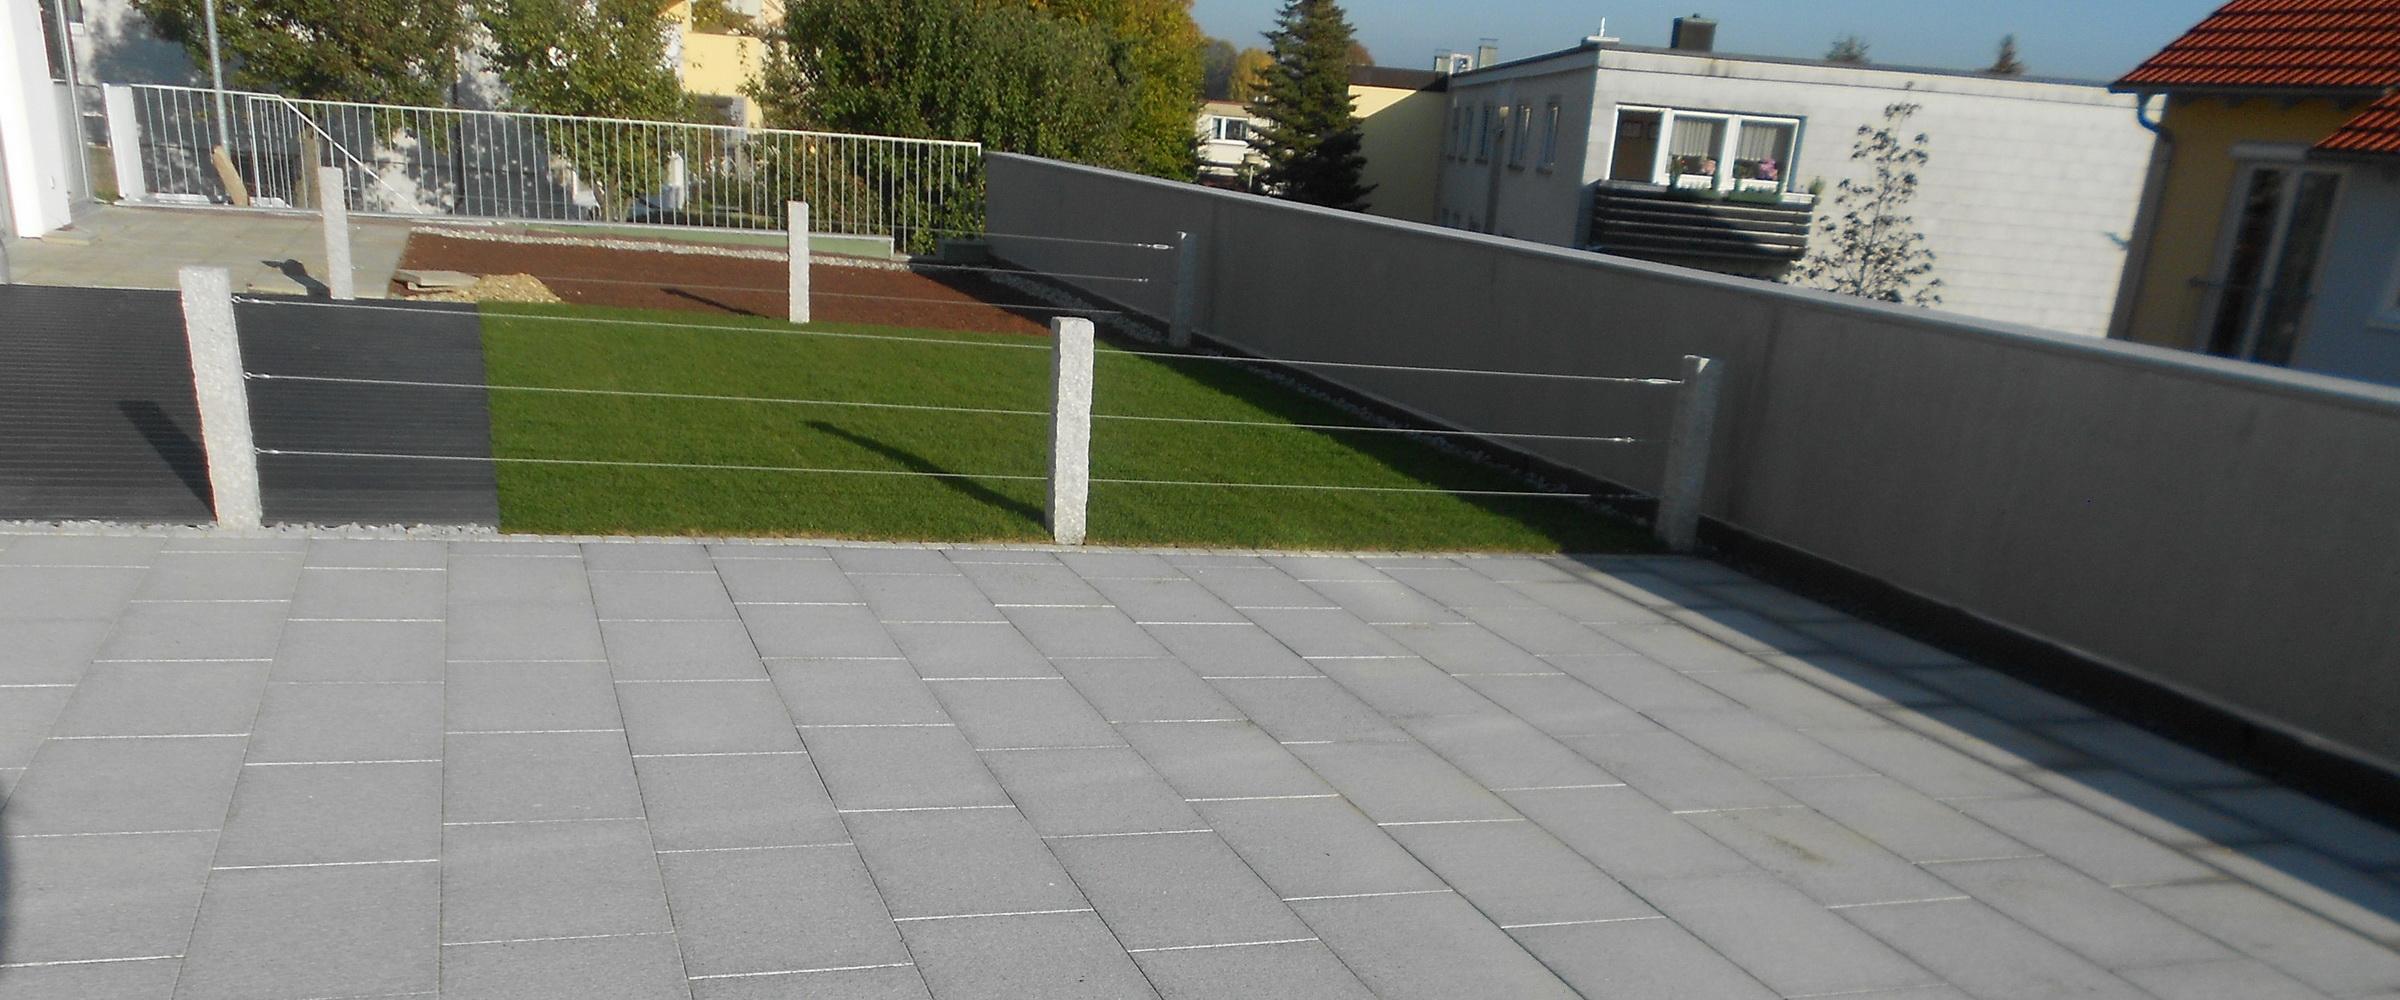 Gestalten Sie Ihren Innenhof mit Steinplatten